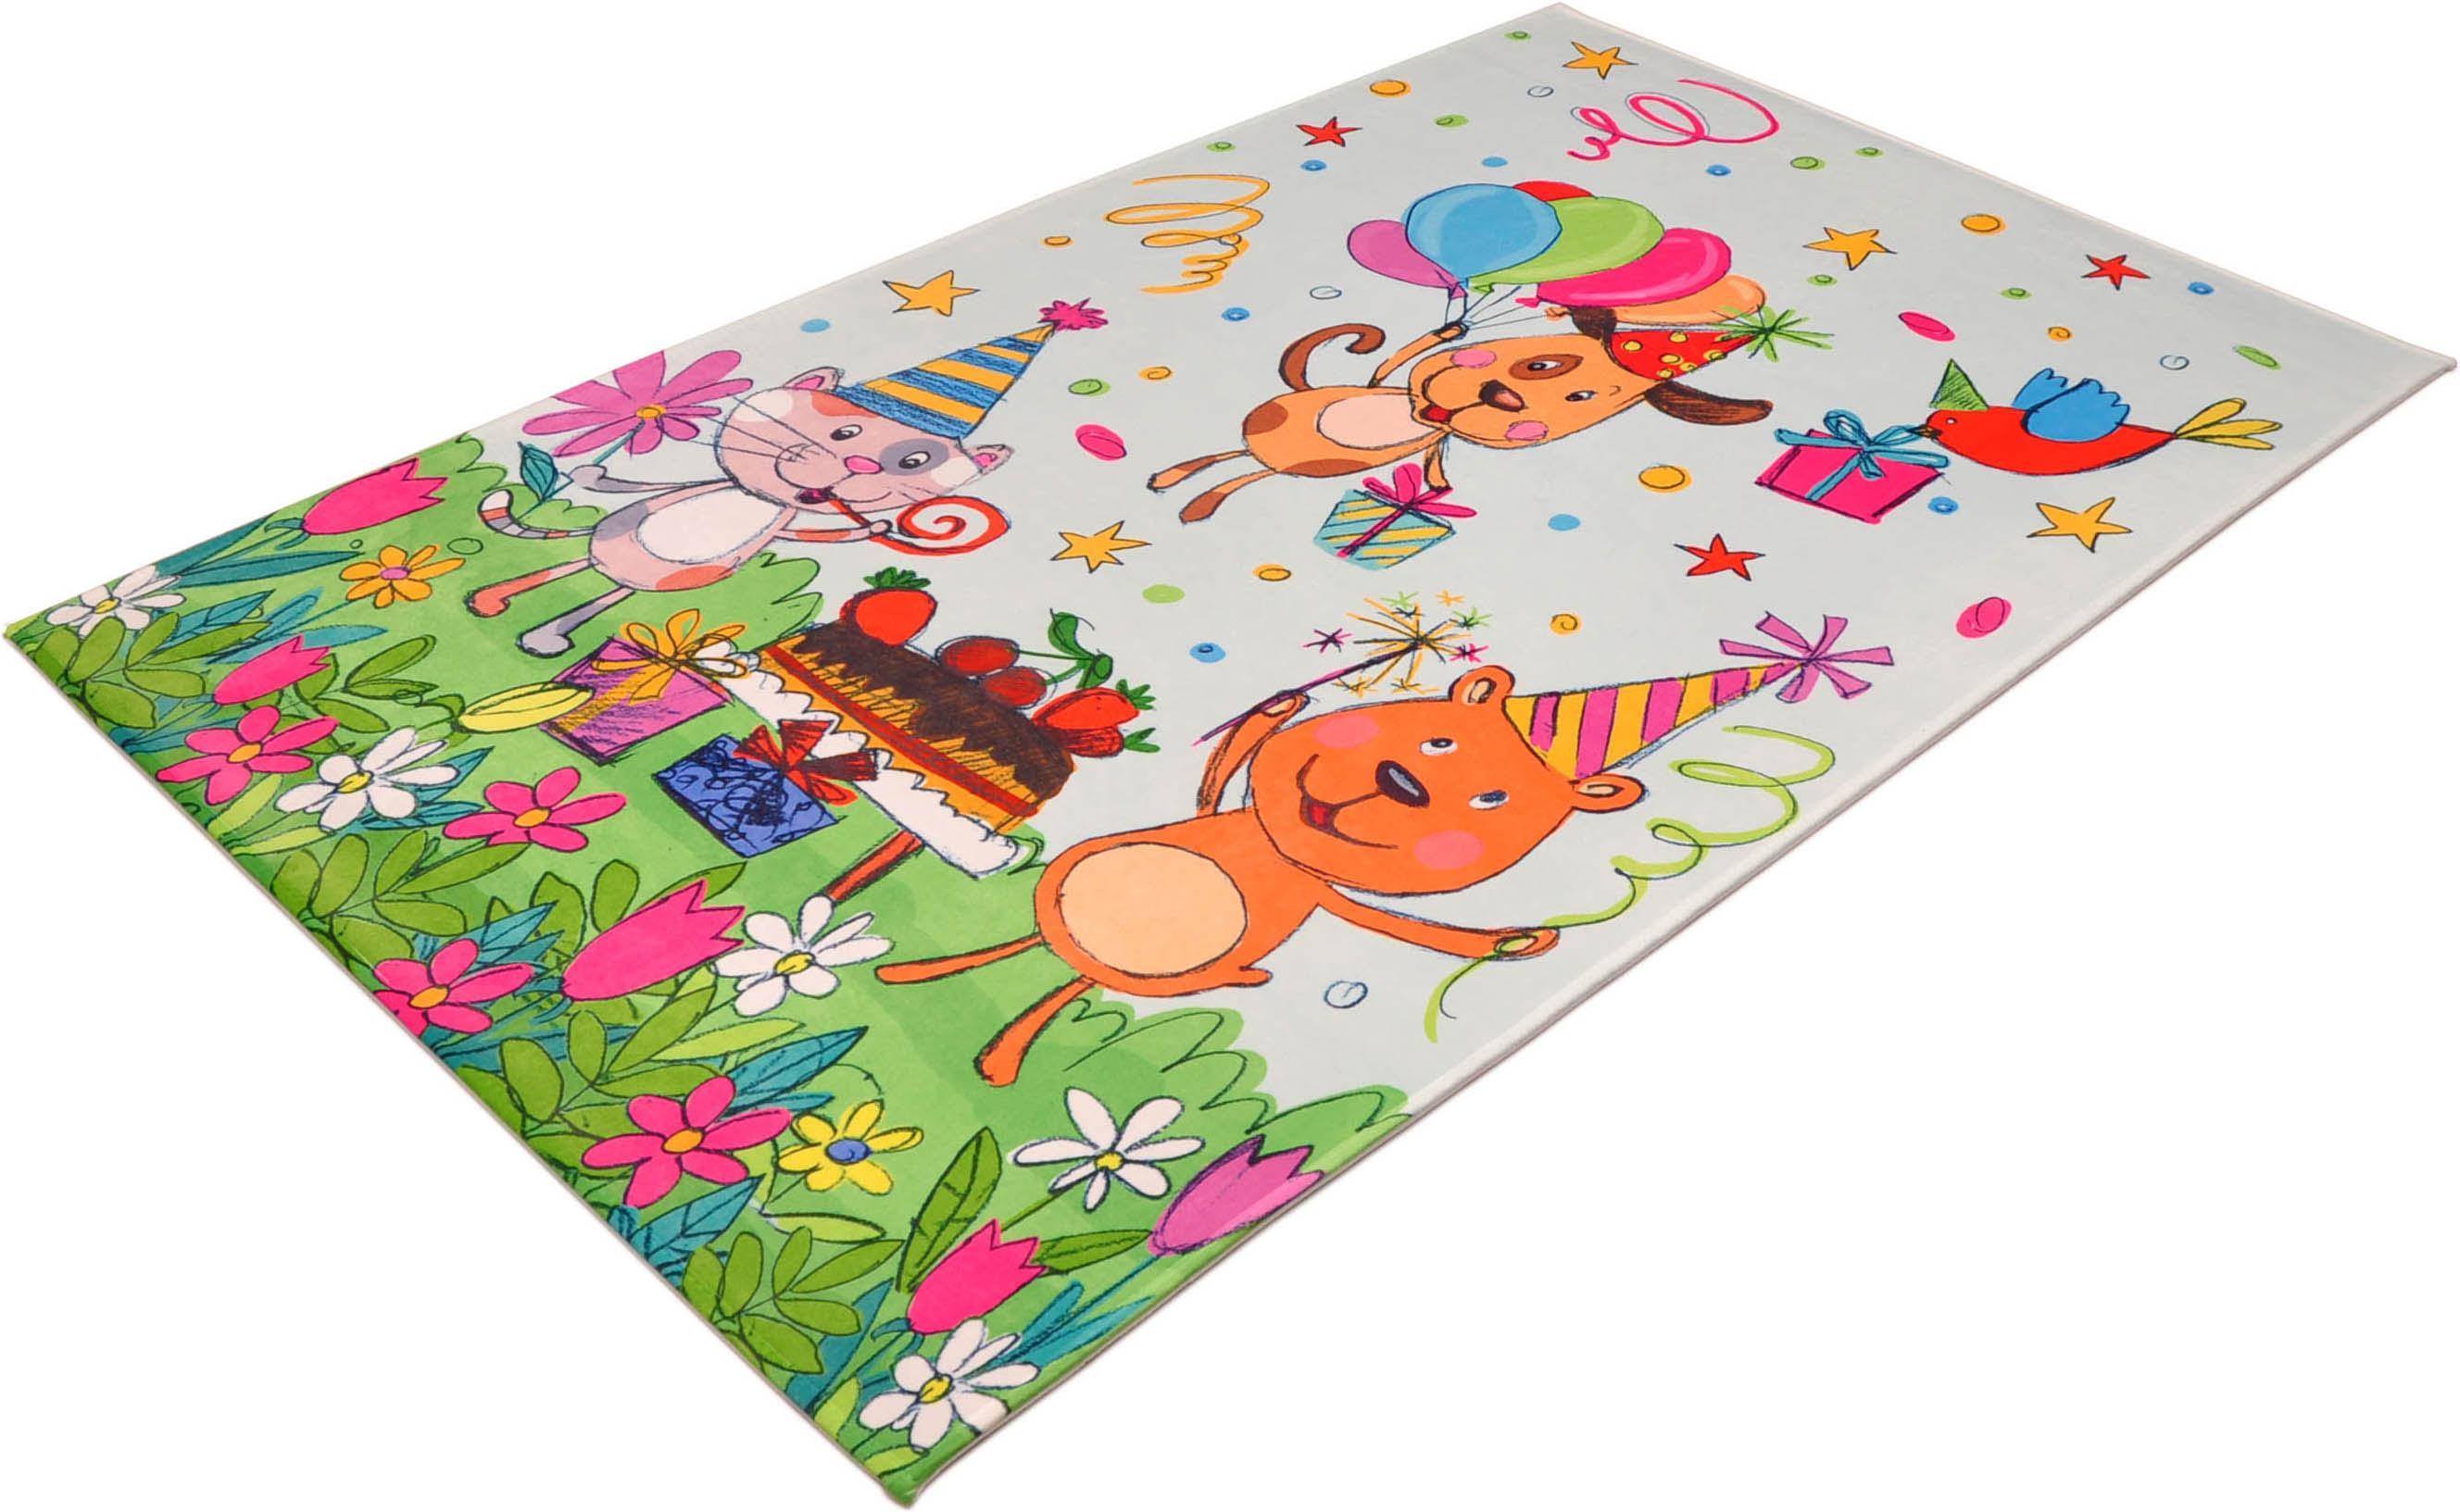 Kinderteppich Lovely Kids 418 Böing Carpet rechteckig Höhe 6 mm gedruckt